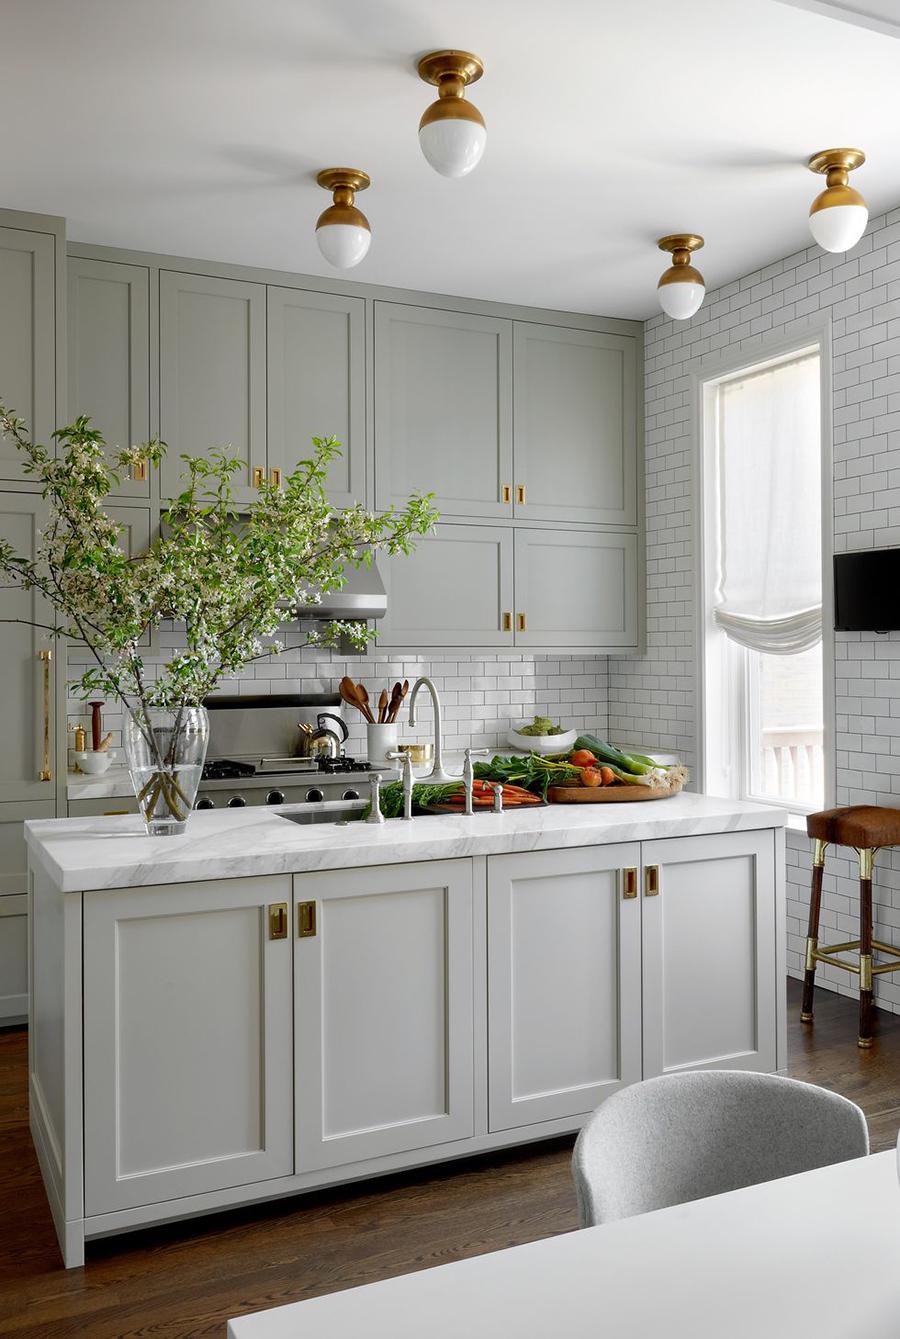 En esta imagen se muestra a una cocina abierta, cuyas paredes están revestidas en azulejos.